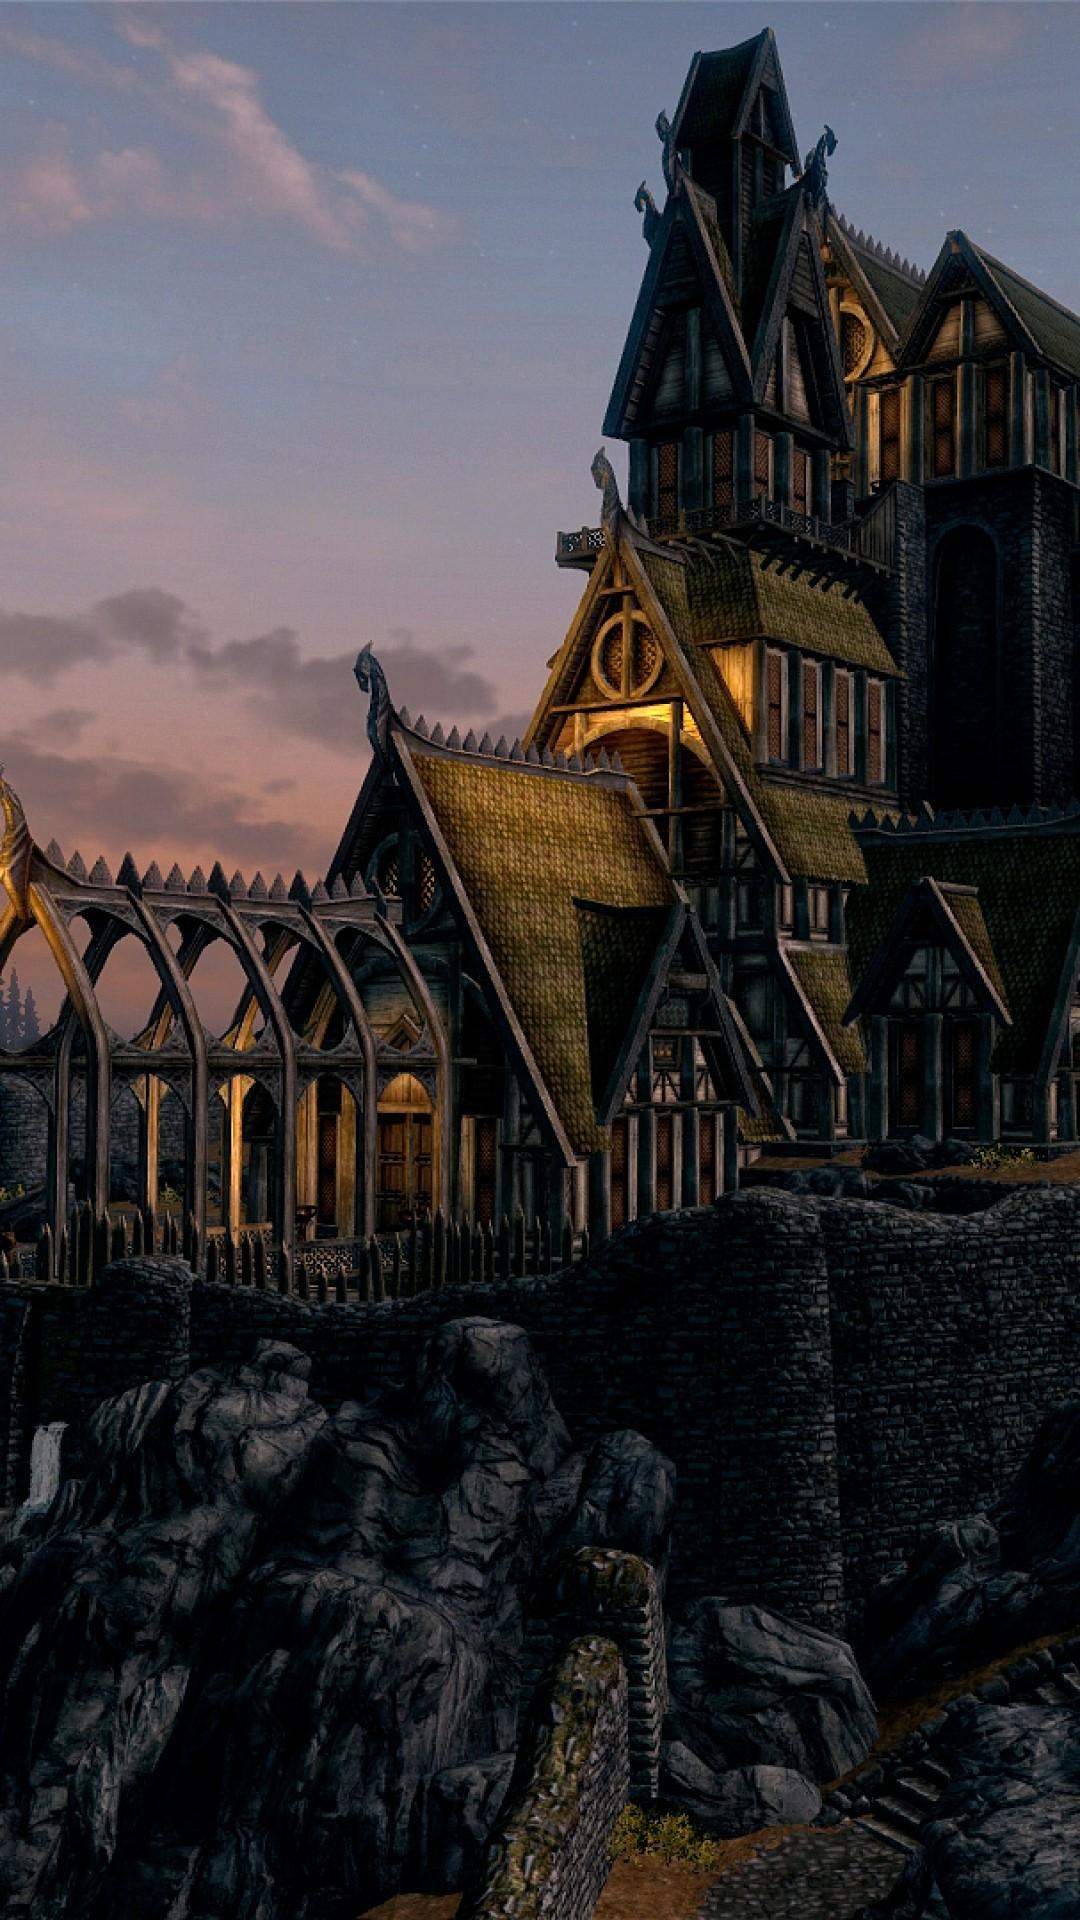 Wallpaper skyrim, buildings, mountains, night